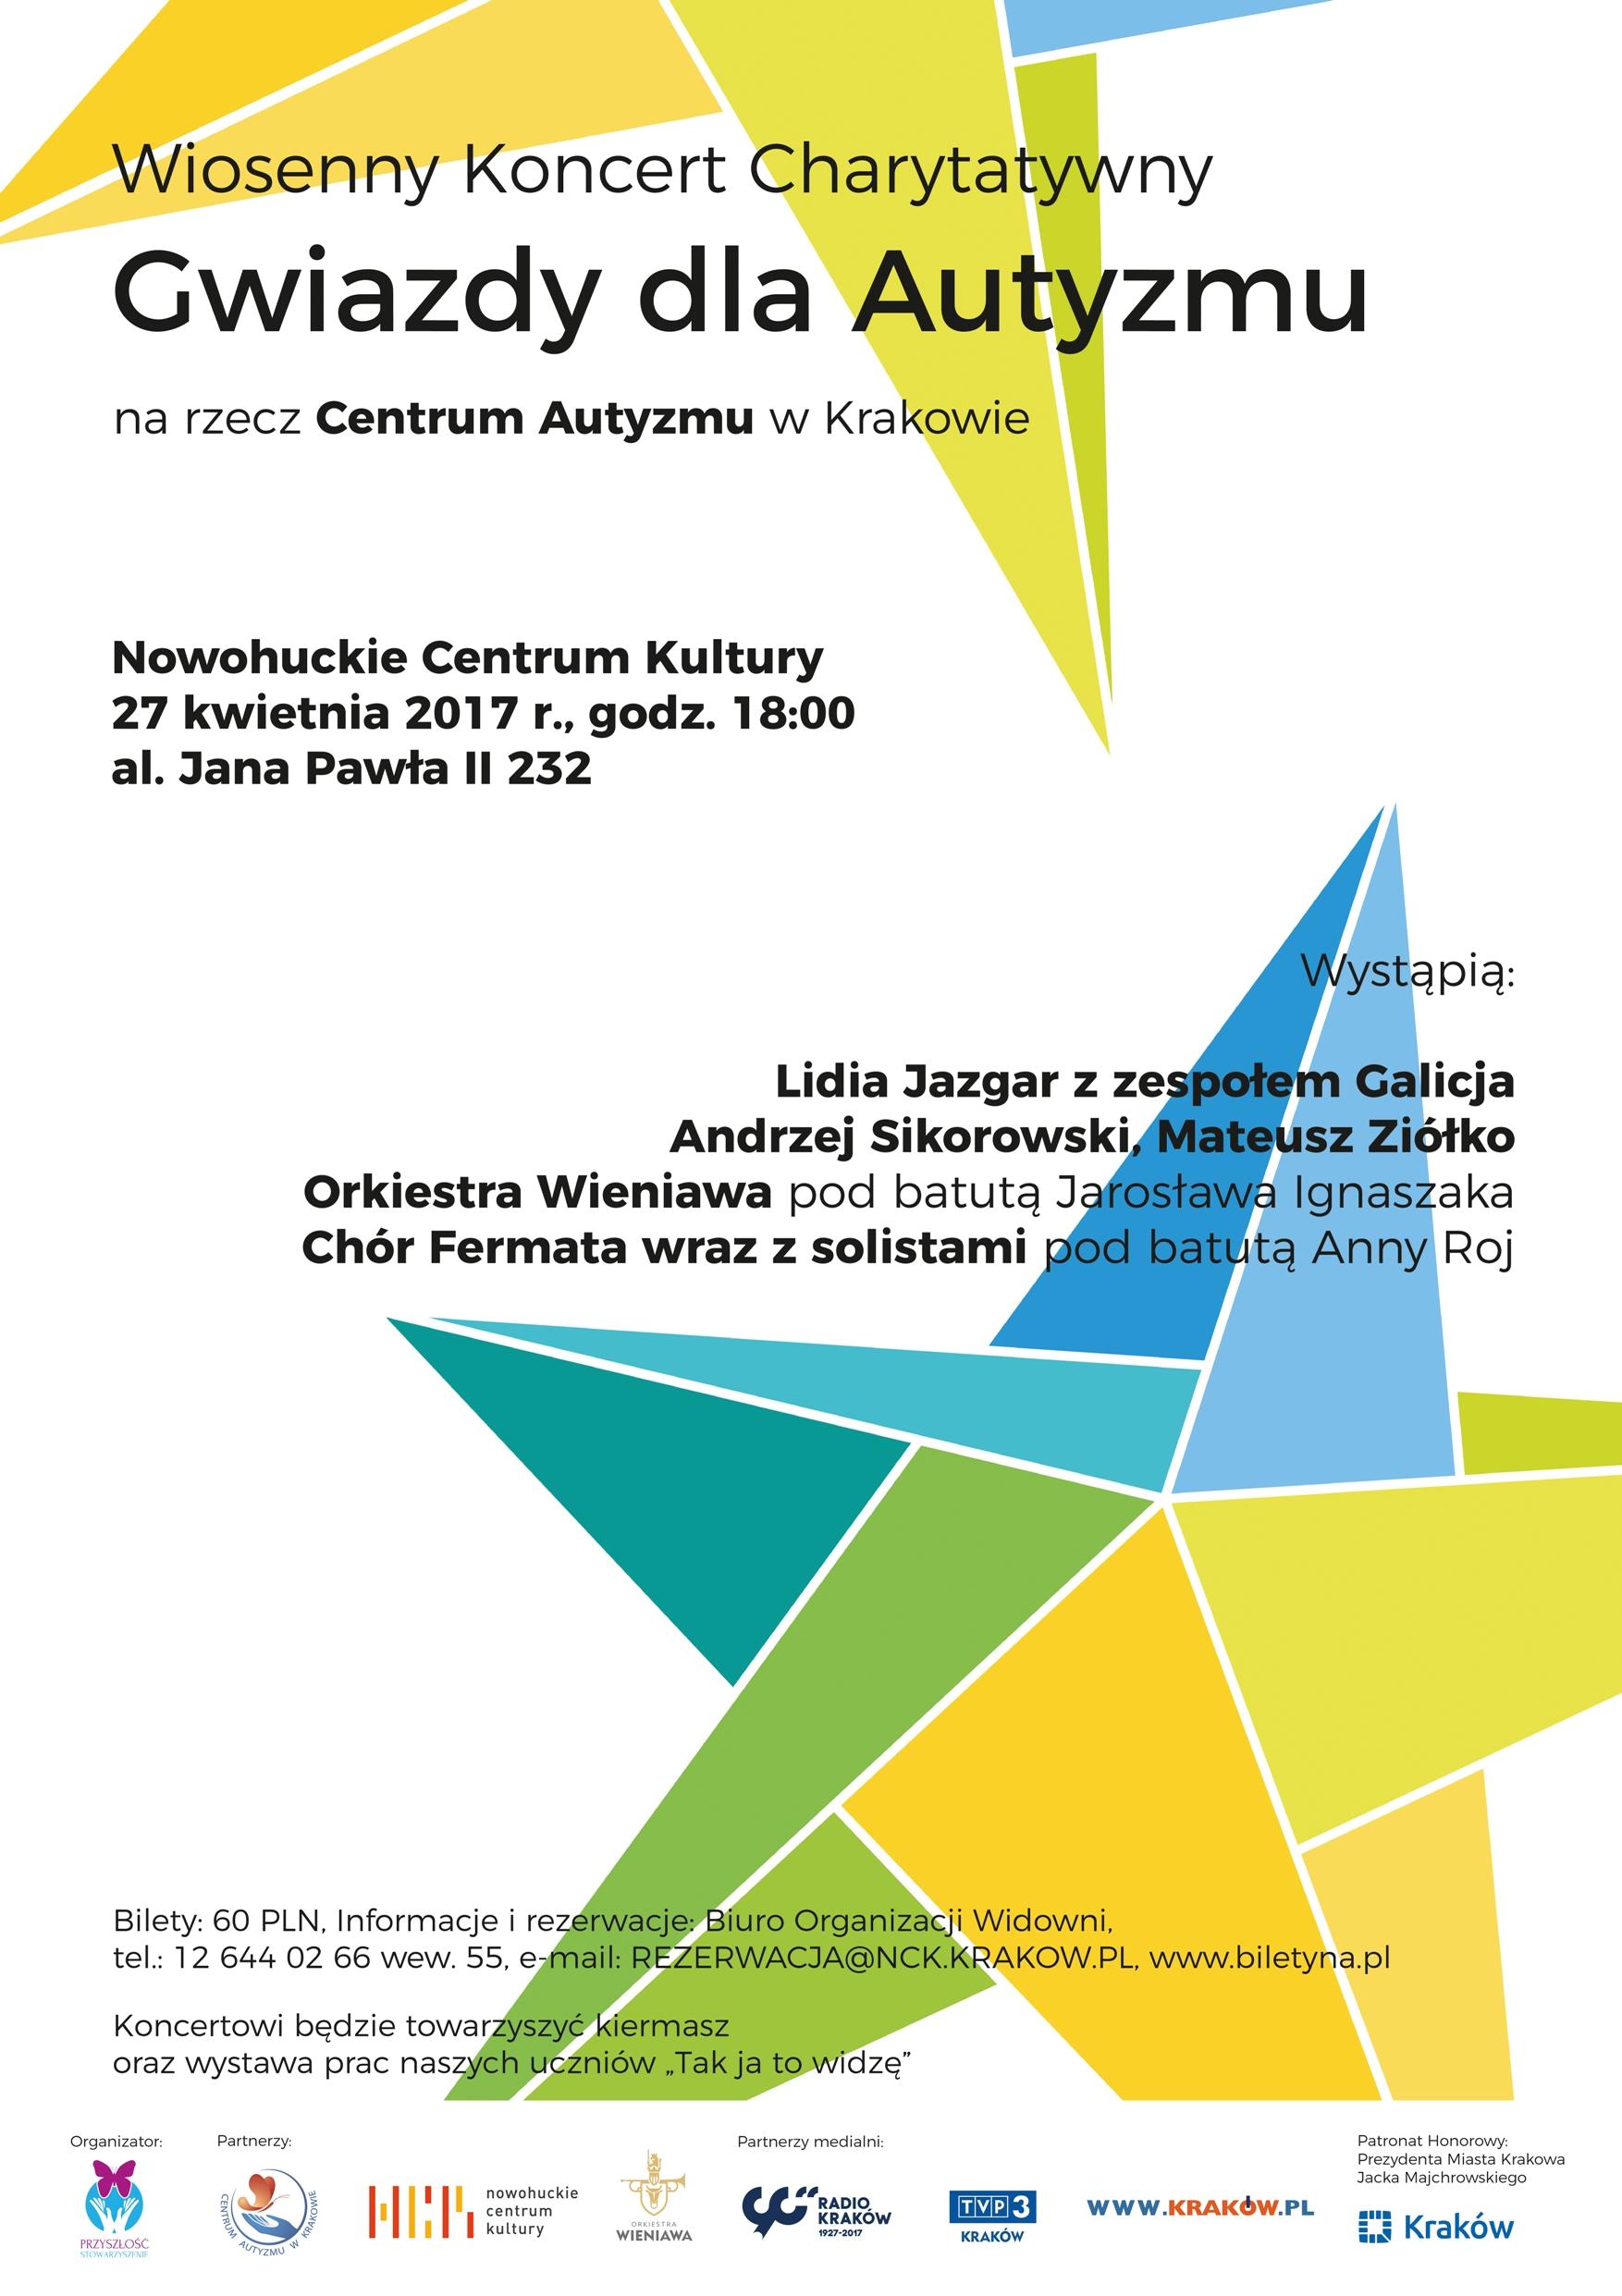 Wiosenny Koncert Charytatywny Gwiazdy dla Autyzmu @ Nowohuckie Centrum Kultury | Kraków | małopolskie | Polska